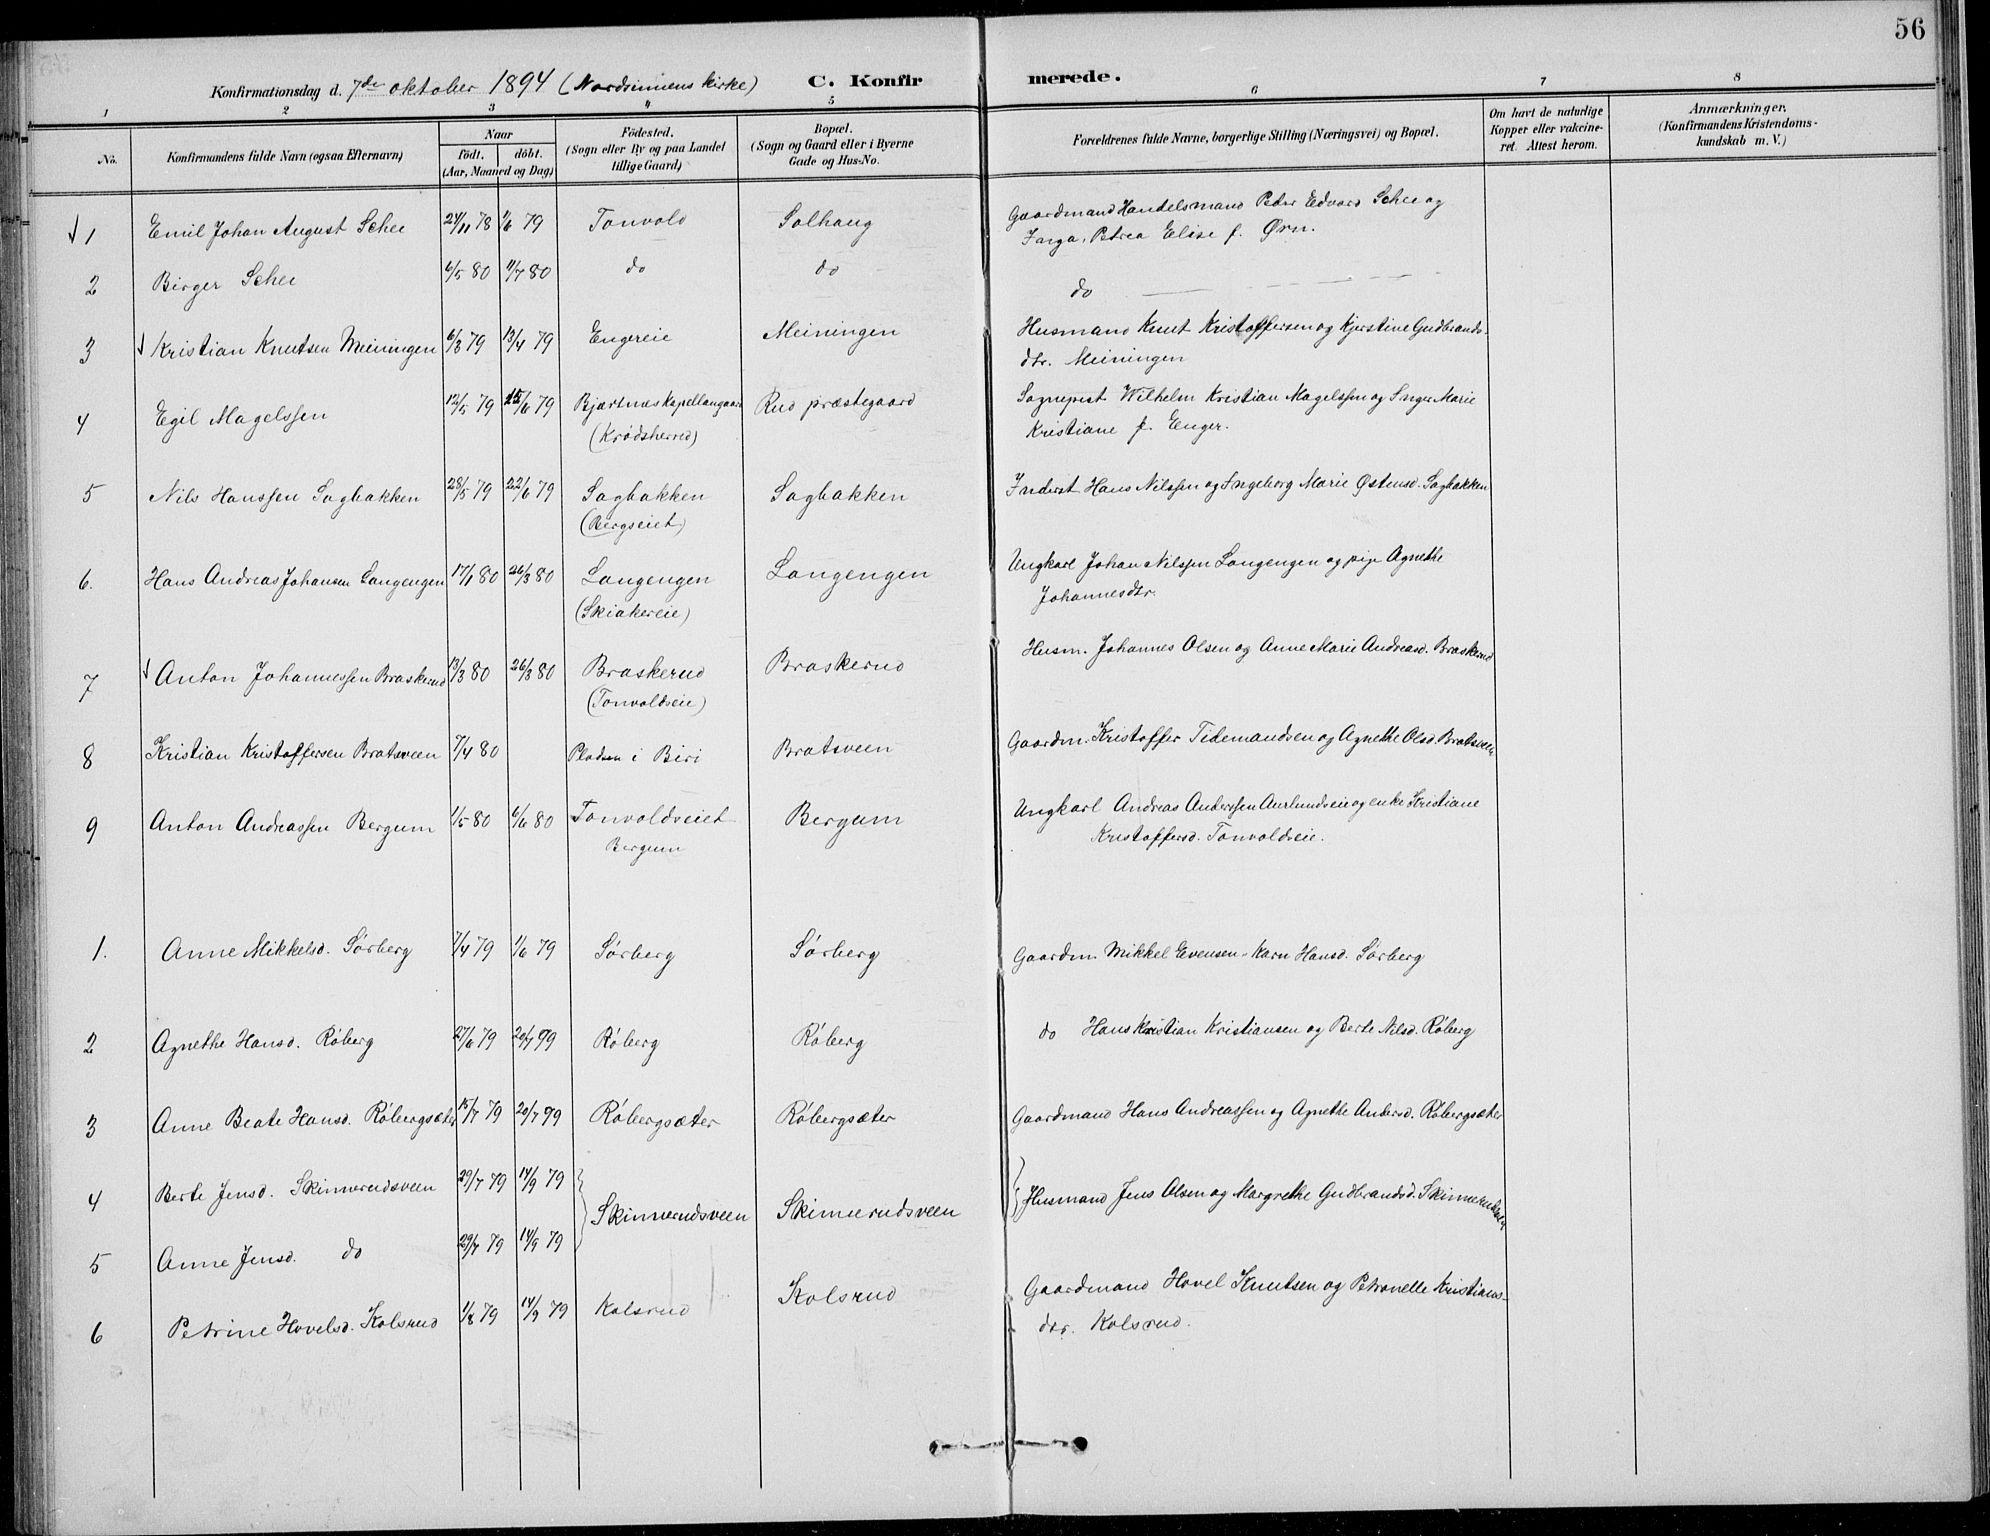 SAH, Nordre Land prestekontor, Klokkerbok nr. 14, 1891-1907, s. 56